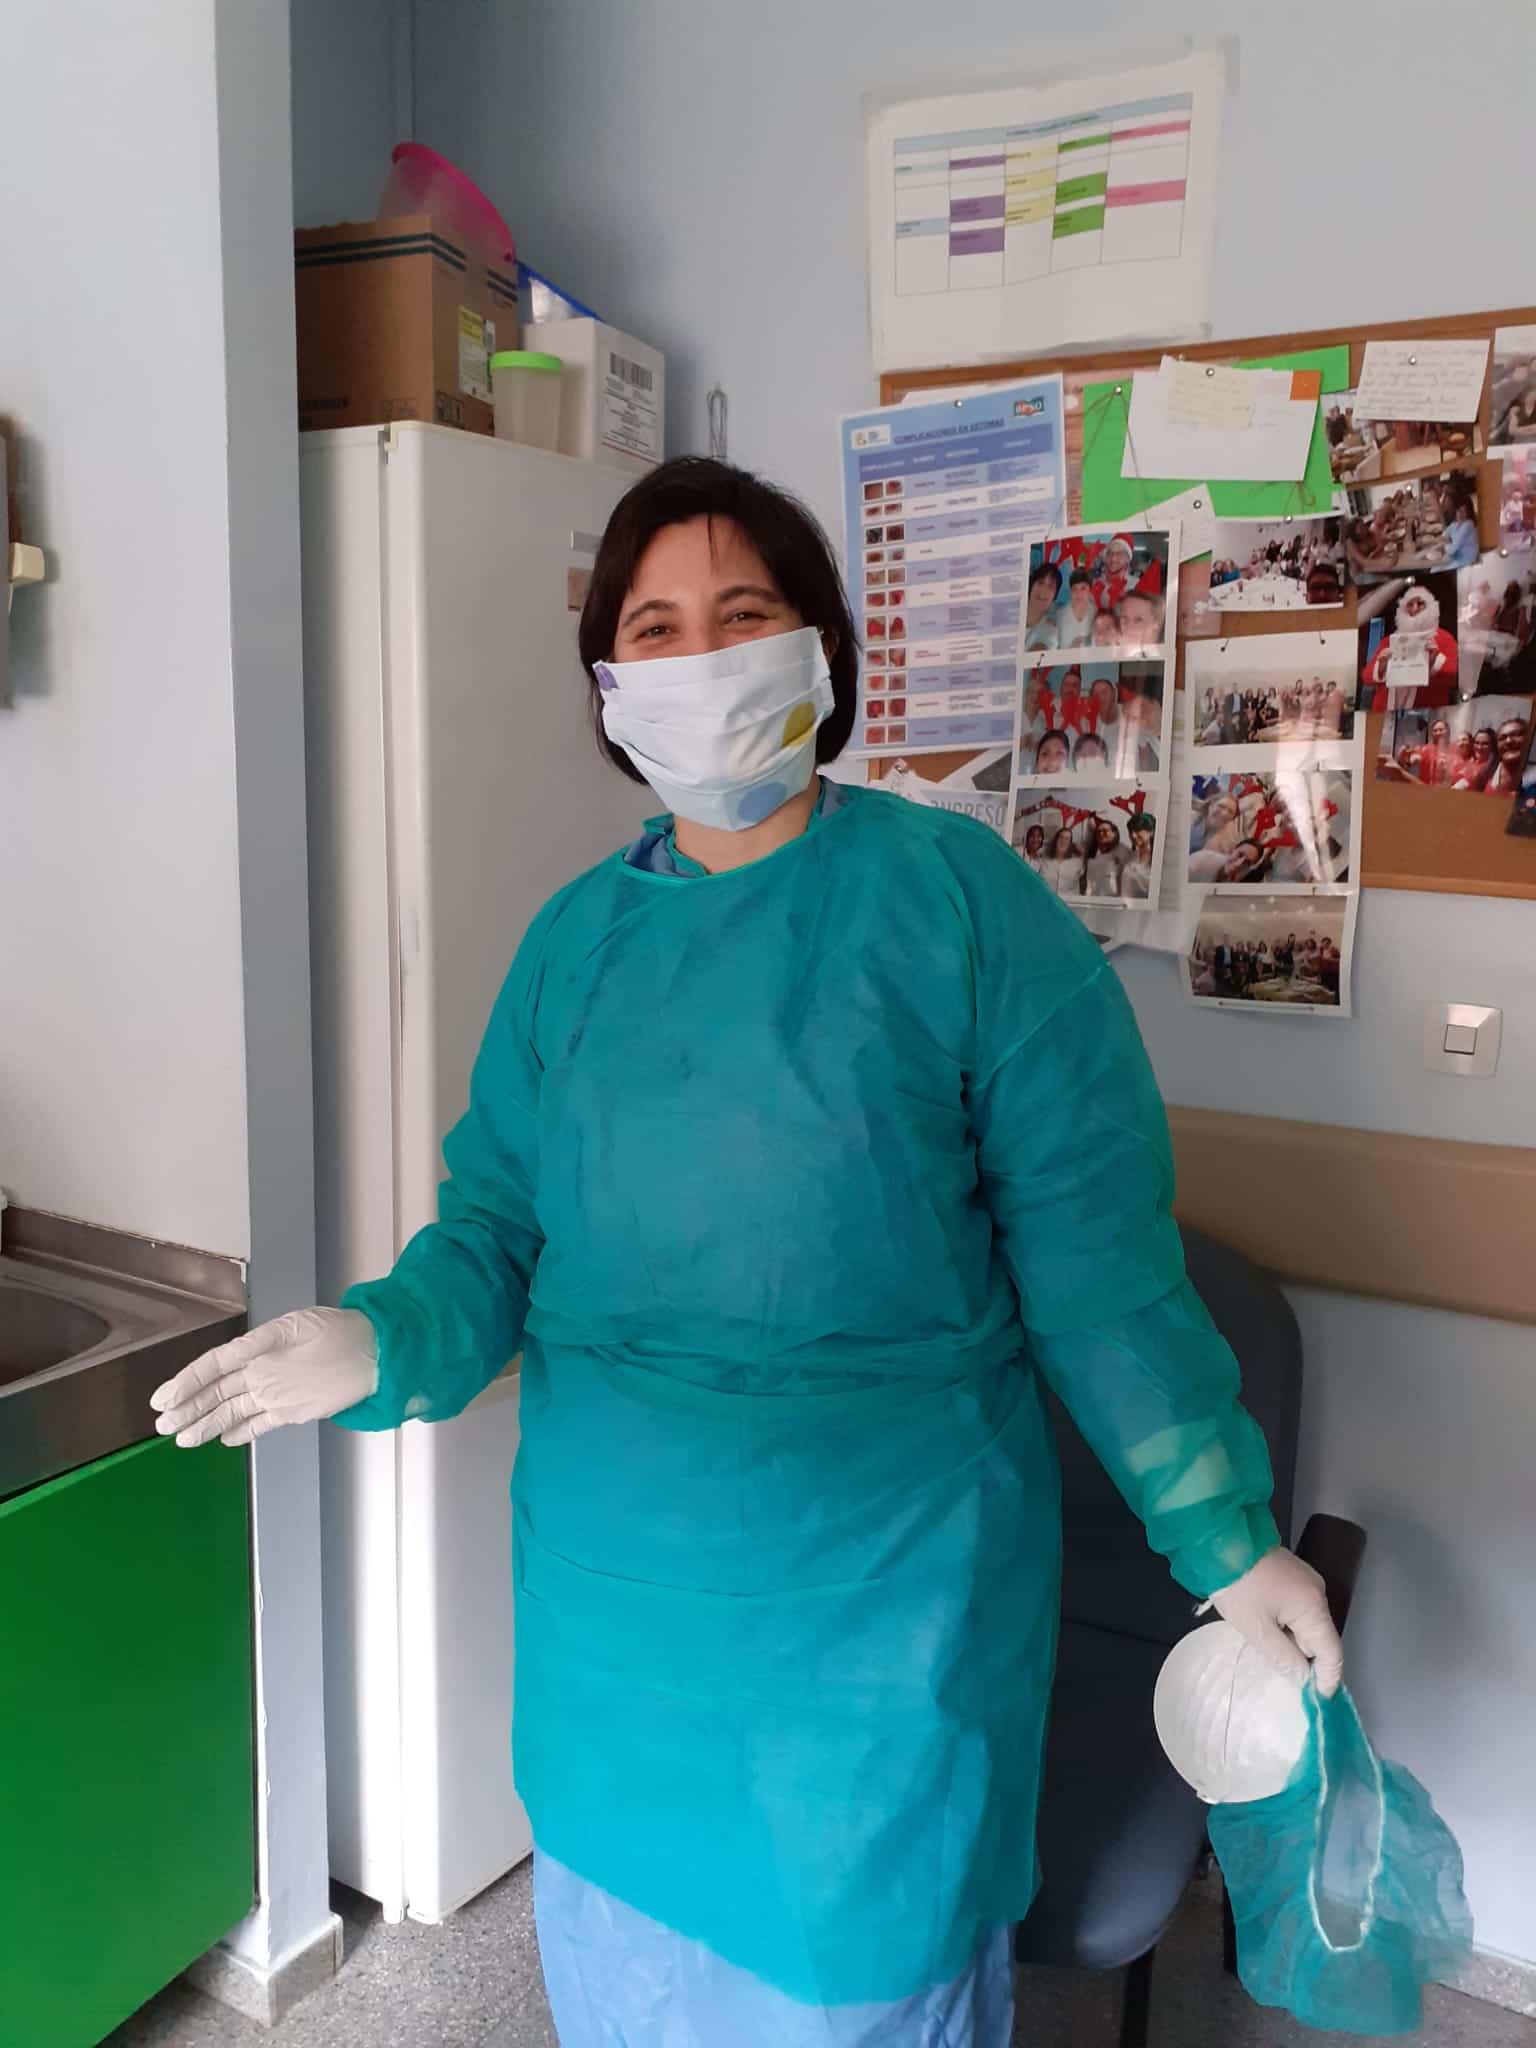 Enfermeras del hospital Mancha Centro - Herencia adquiere diferente equipamiento para el hospital Mancha-Centro